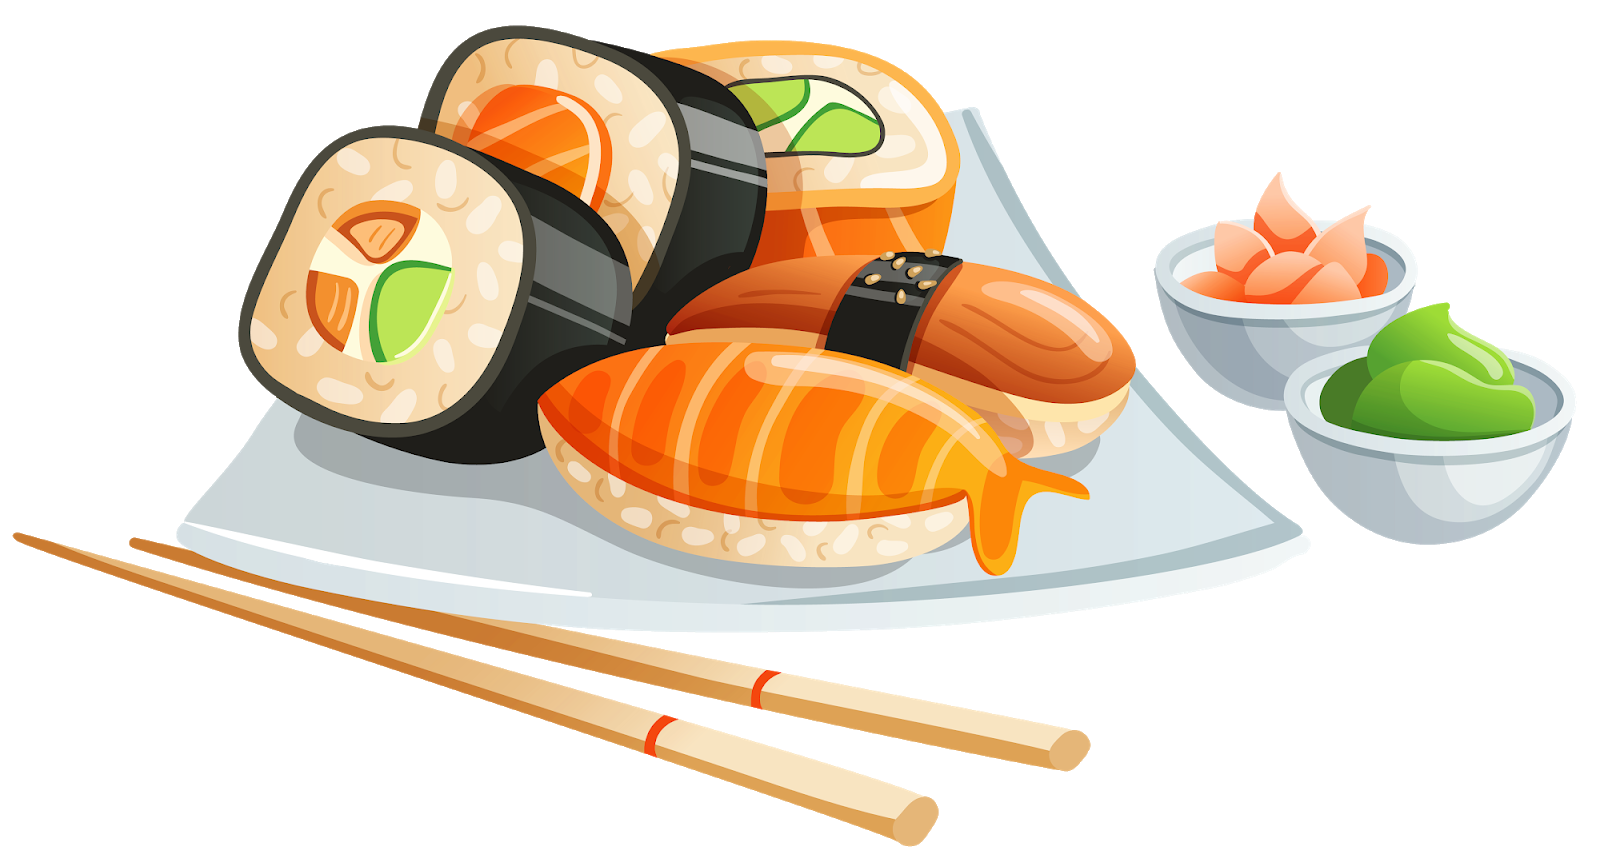 Menu t sushi in. Tuna clipart shrimp